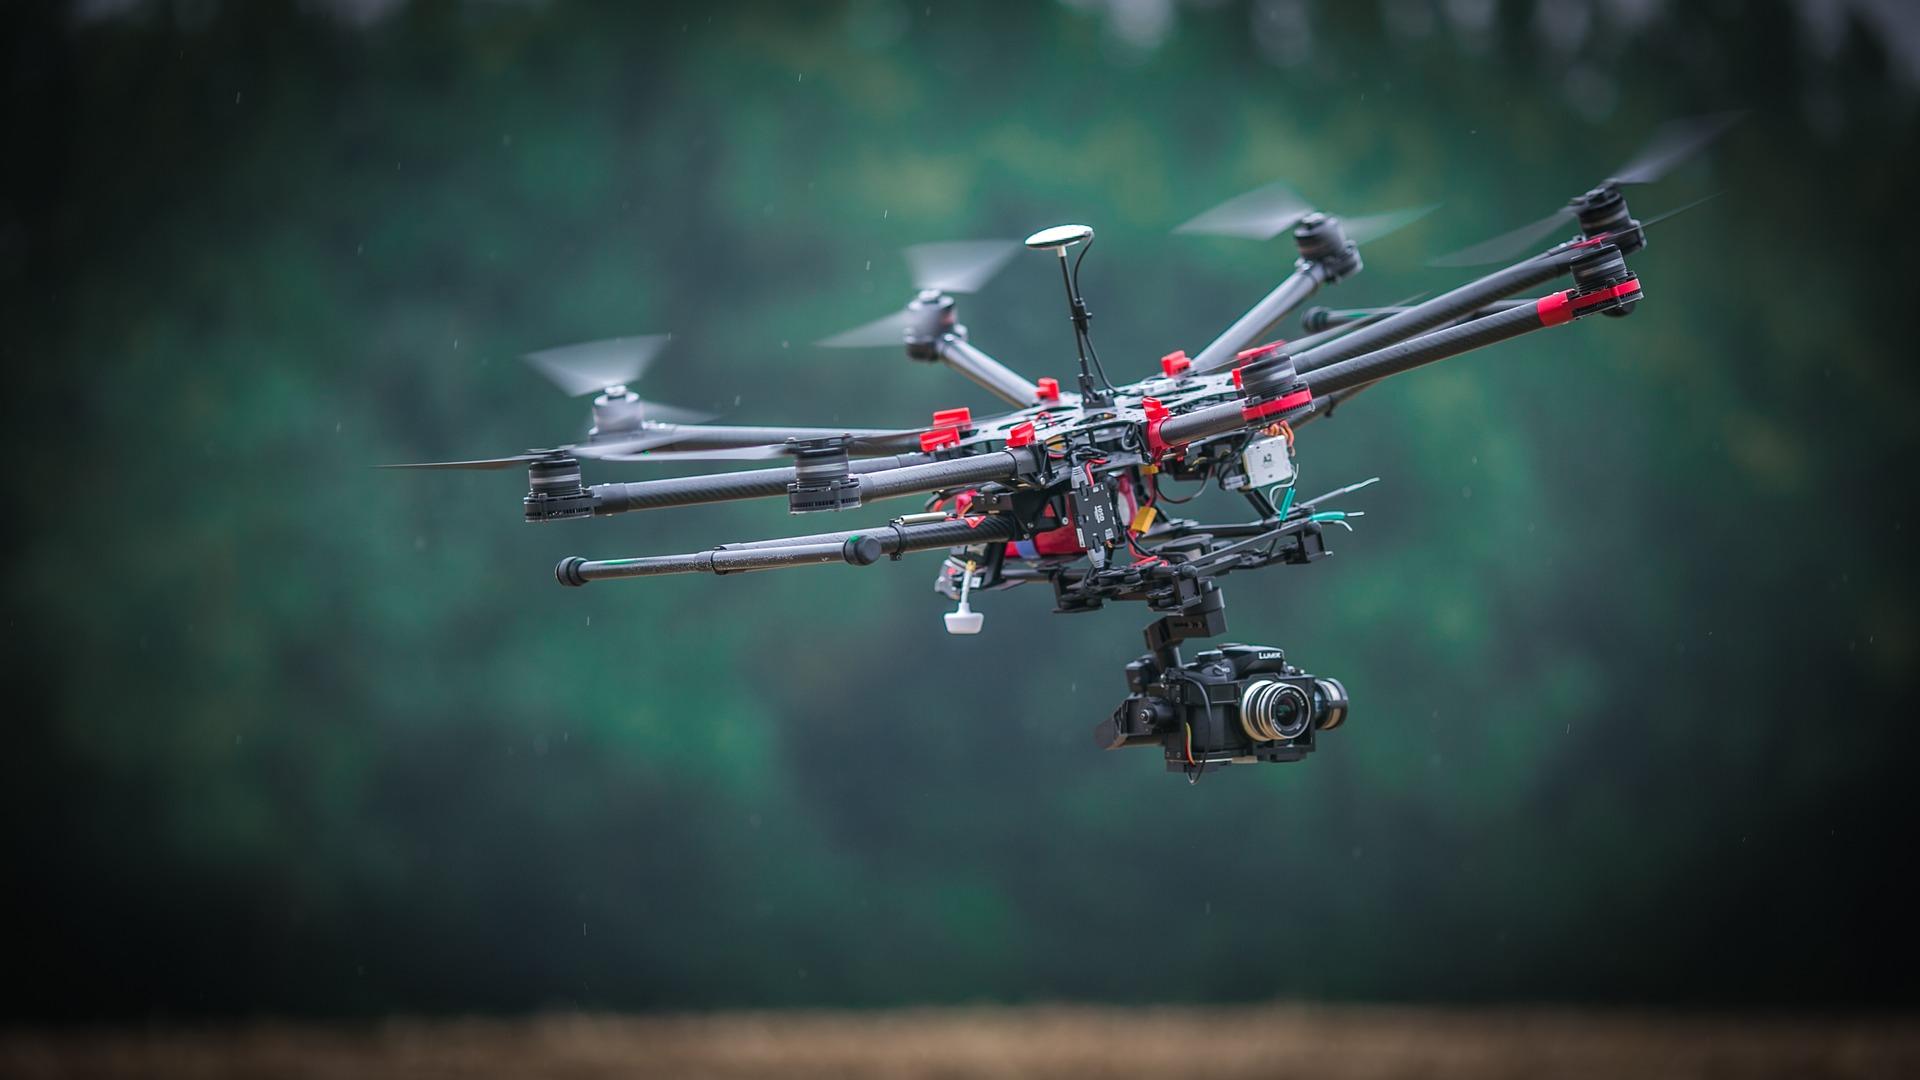 Els drons es troben dins del grup dels Vehicles Aeris No Tripulats (VANT), és a dir, no tenen pilot i es poden controlar remotament o de manera autònoma.